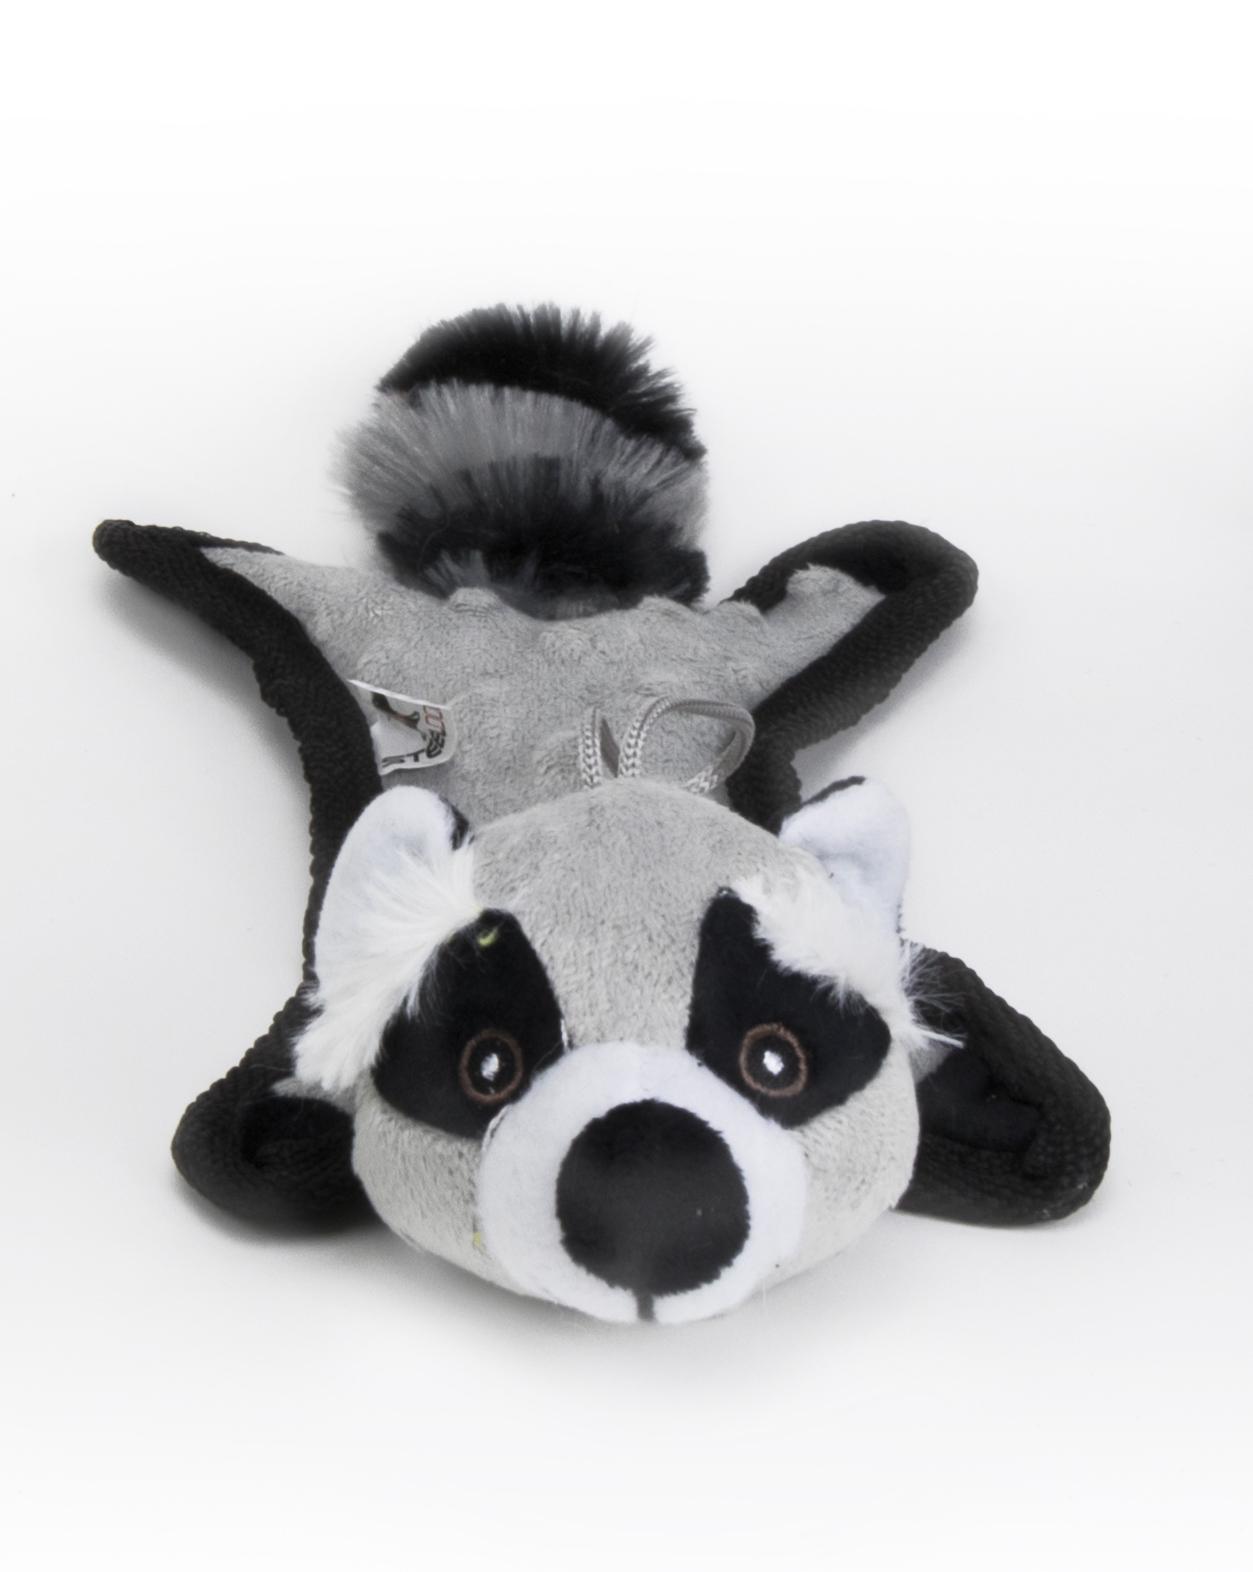 Steel Dog Baby Raccoon Dog Toy